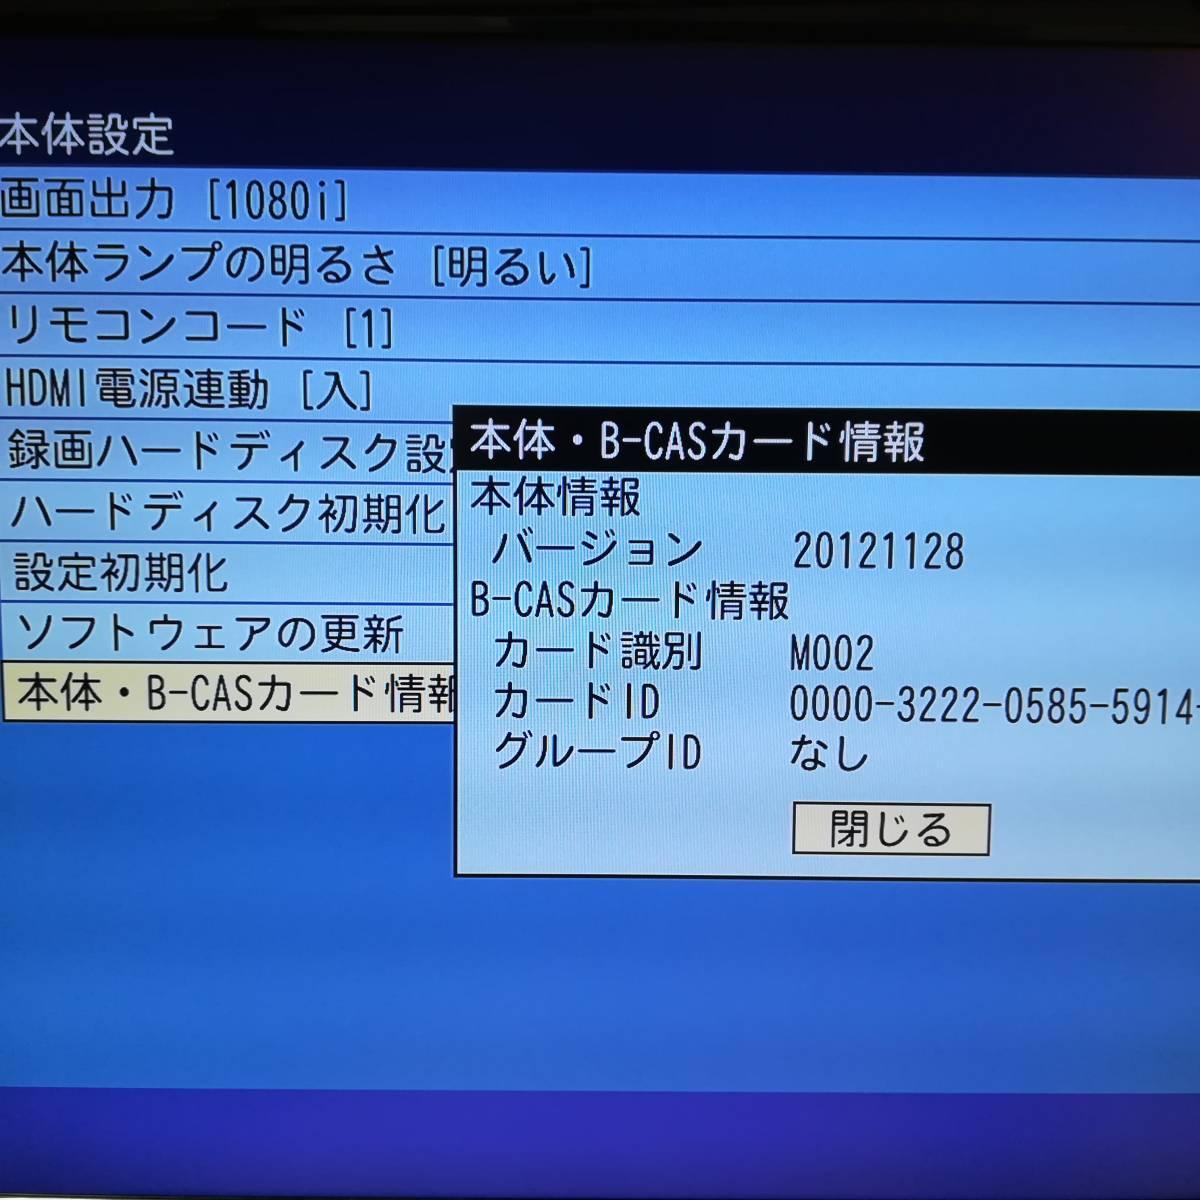 【完動品】【3波W録】【1TB】【USB HDD対応】BUFFALO バッファロー Wチューナー搭載 HDDレコーダー DVR-W1_画像3